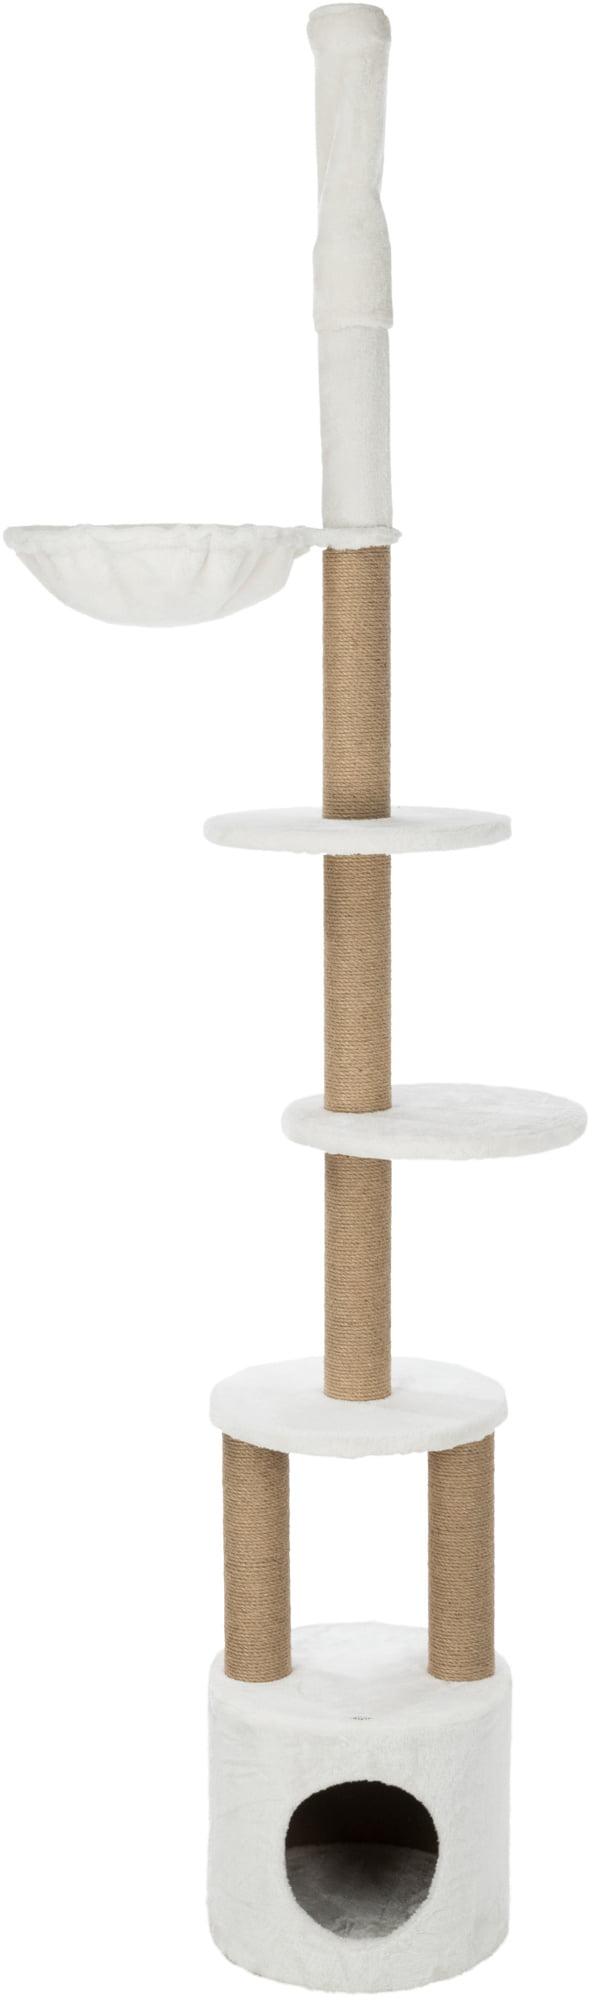 Trixie Krabpaal Aurelio Plafondhoogte 220-250cm Wit